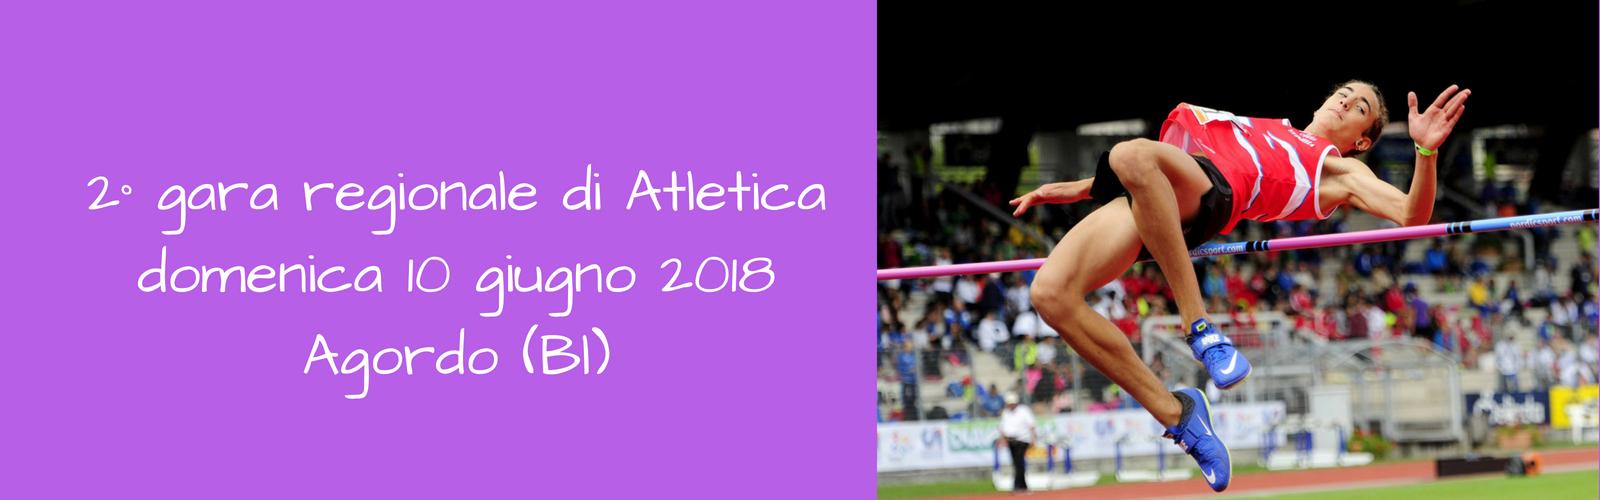 2° gara regionale di atletica – Domenica 10 giugno ad Agordo